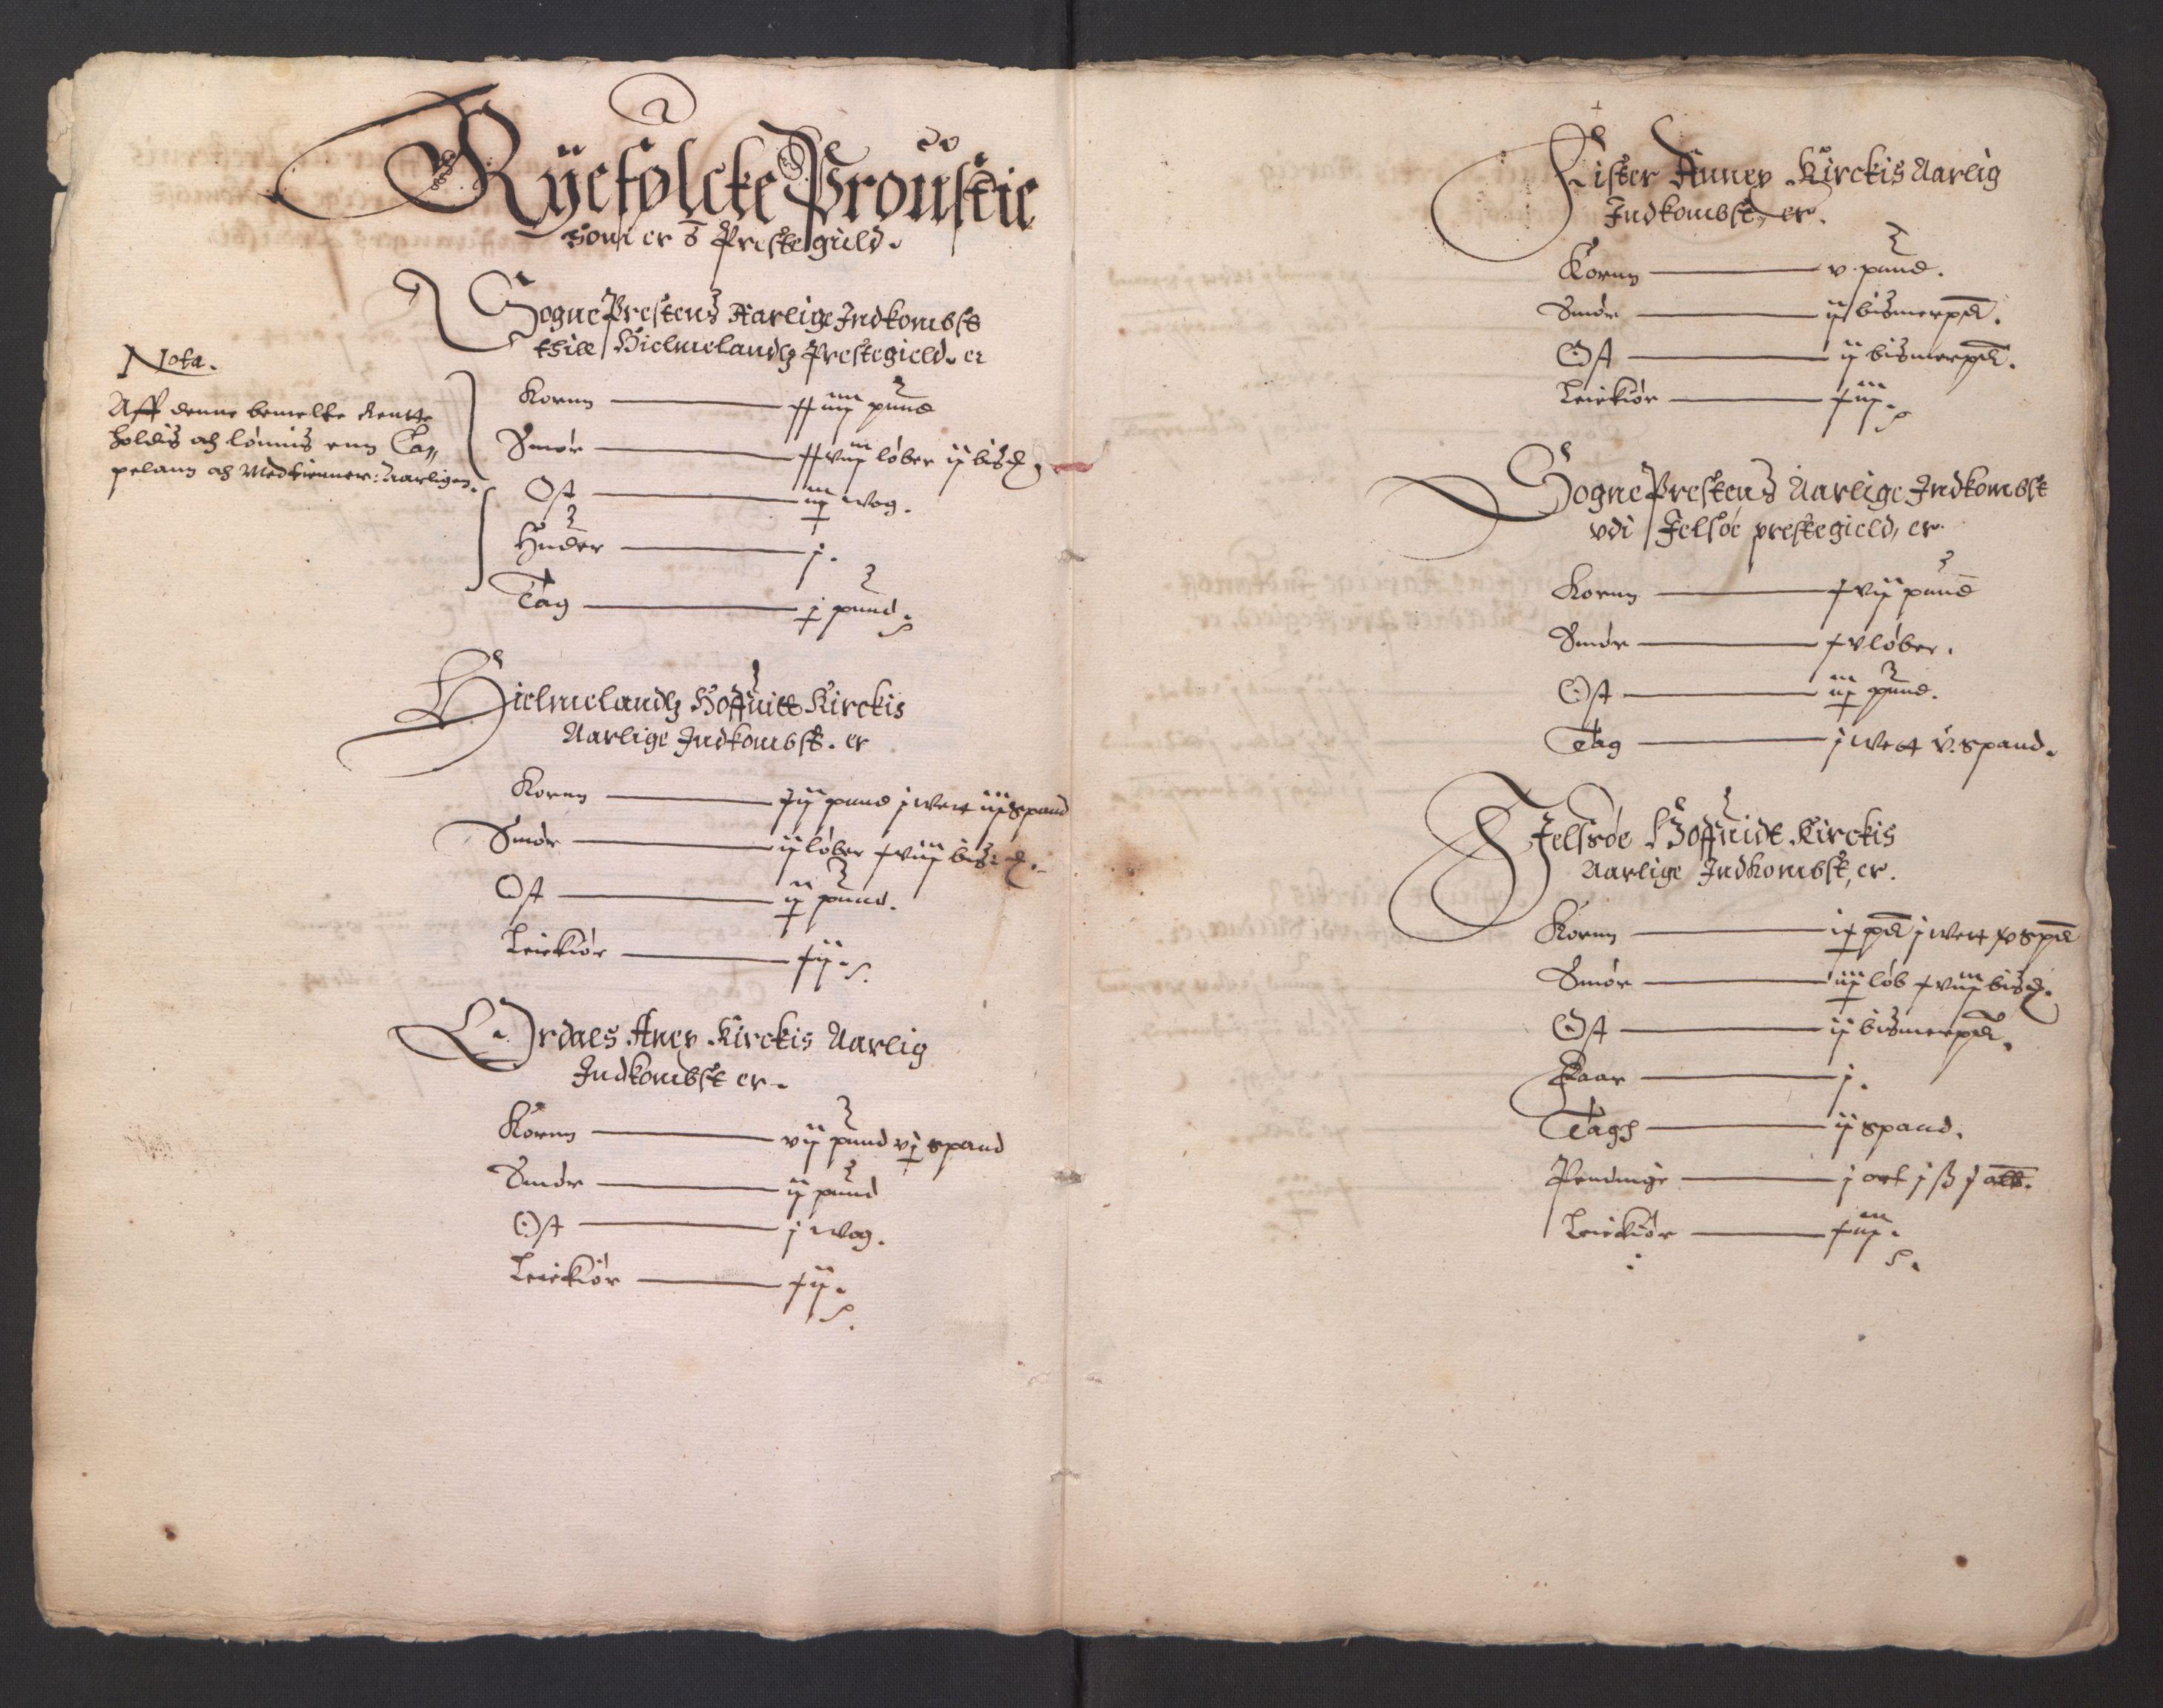 RA, Stattholderembetet 1572-1771, Ek/L0014: Jordebøker til utlikning av rosstjeneste 1624-1626:, 1625, s. 9